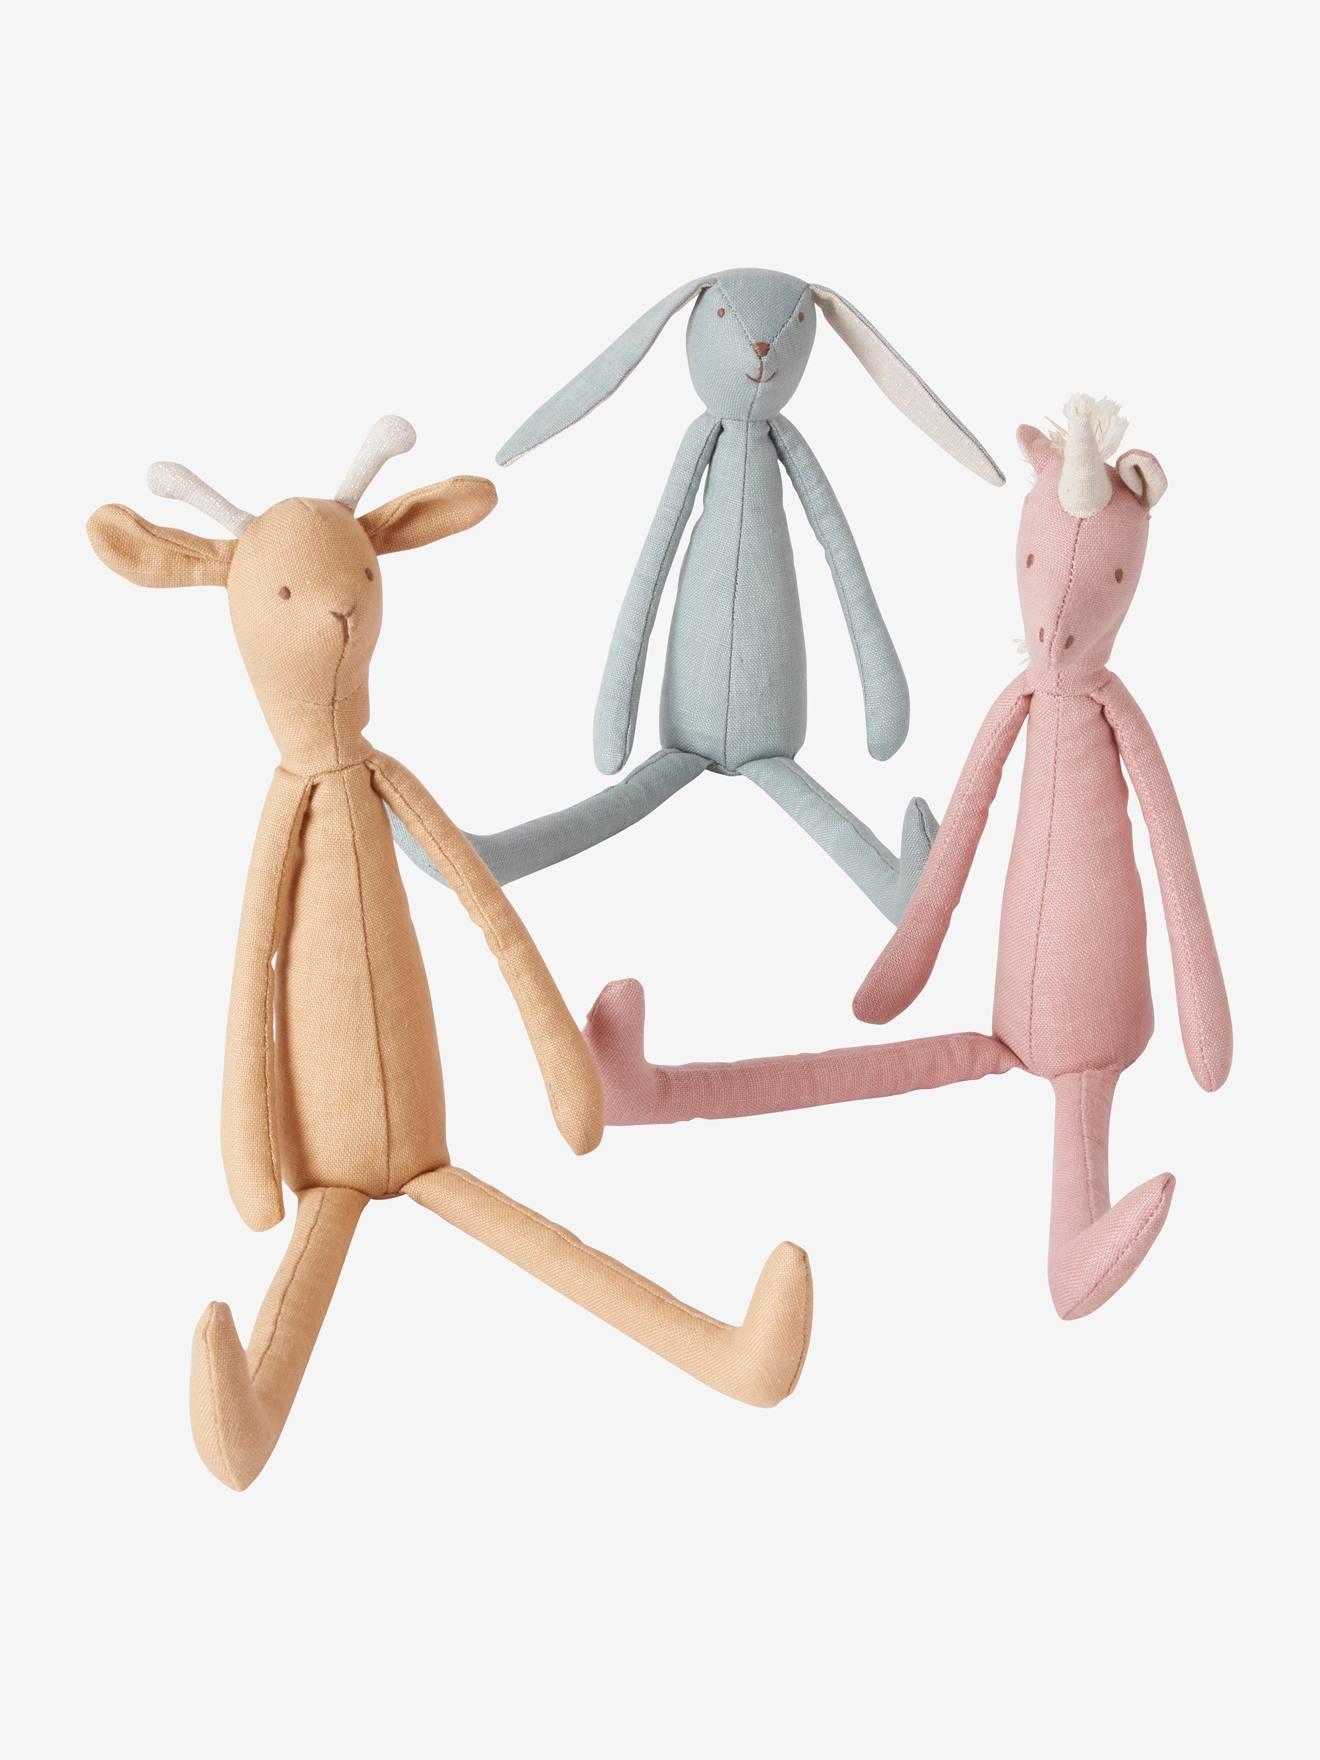 3er-Set Stofftiere Giraffe, Hase & Einhorn aus Leinen von vertbaudet 3611653564664